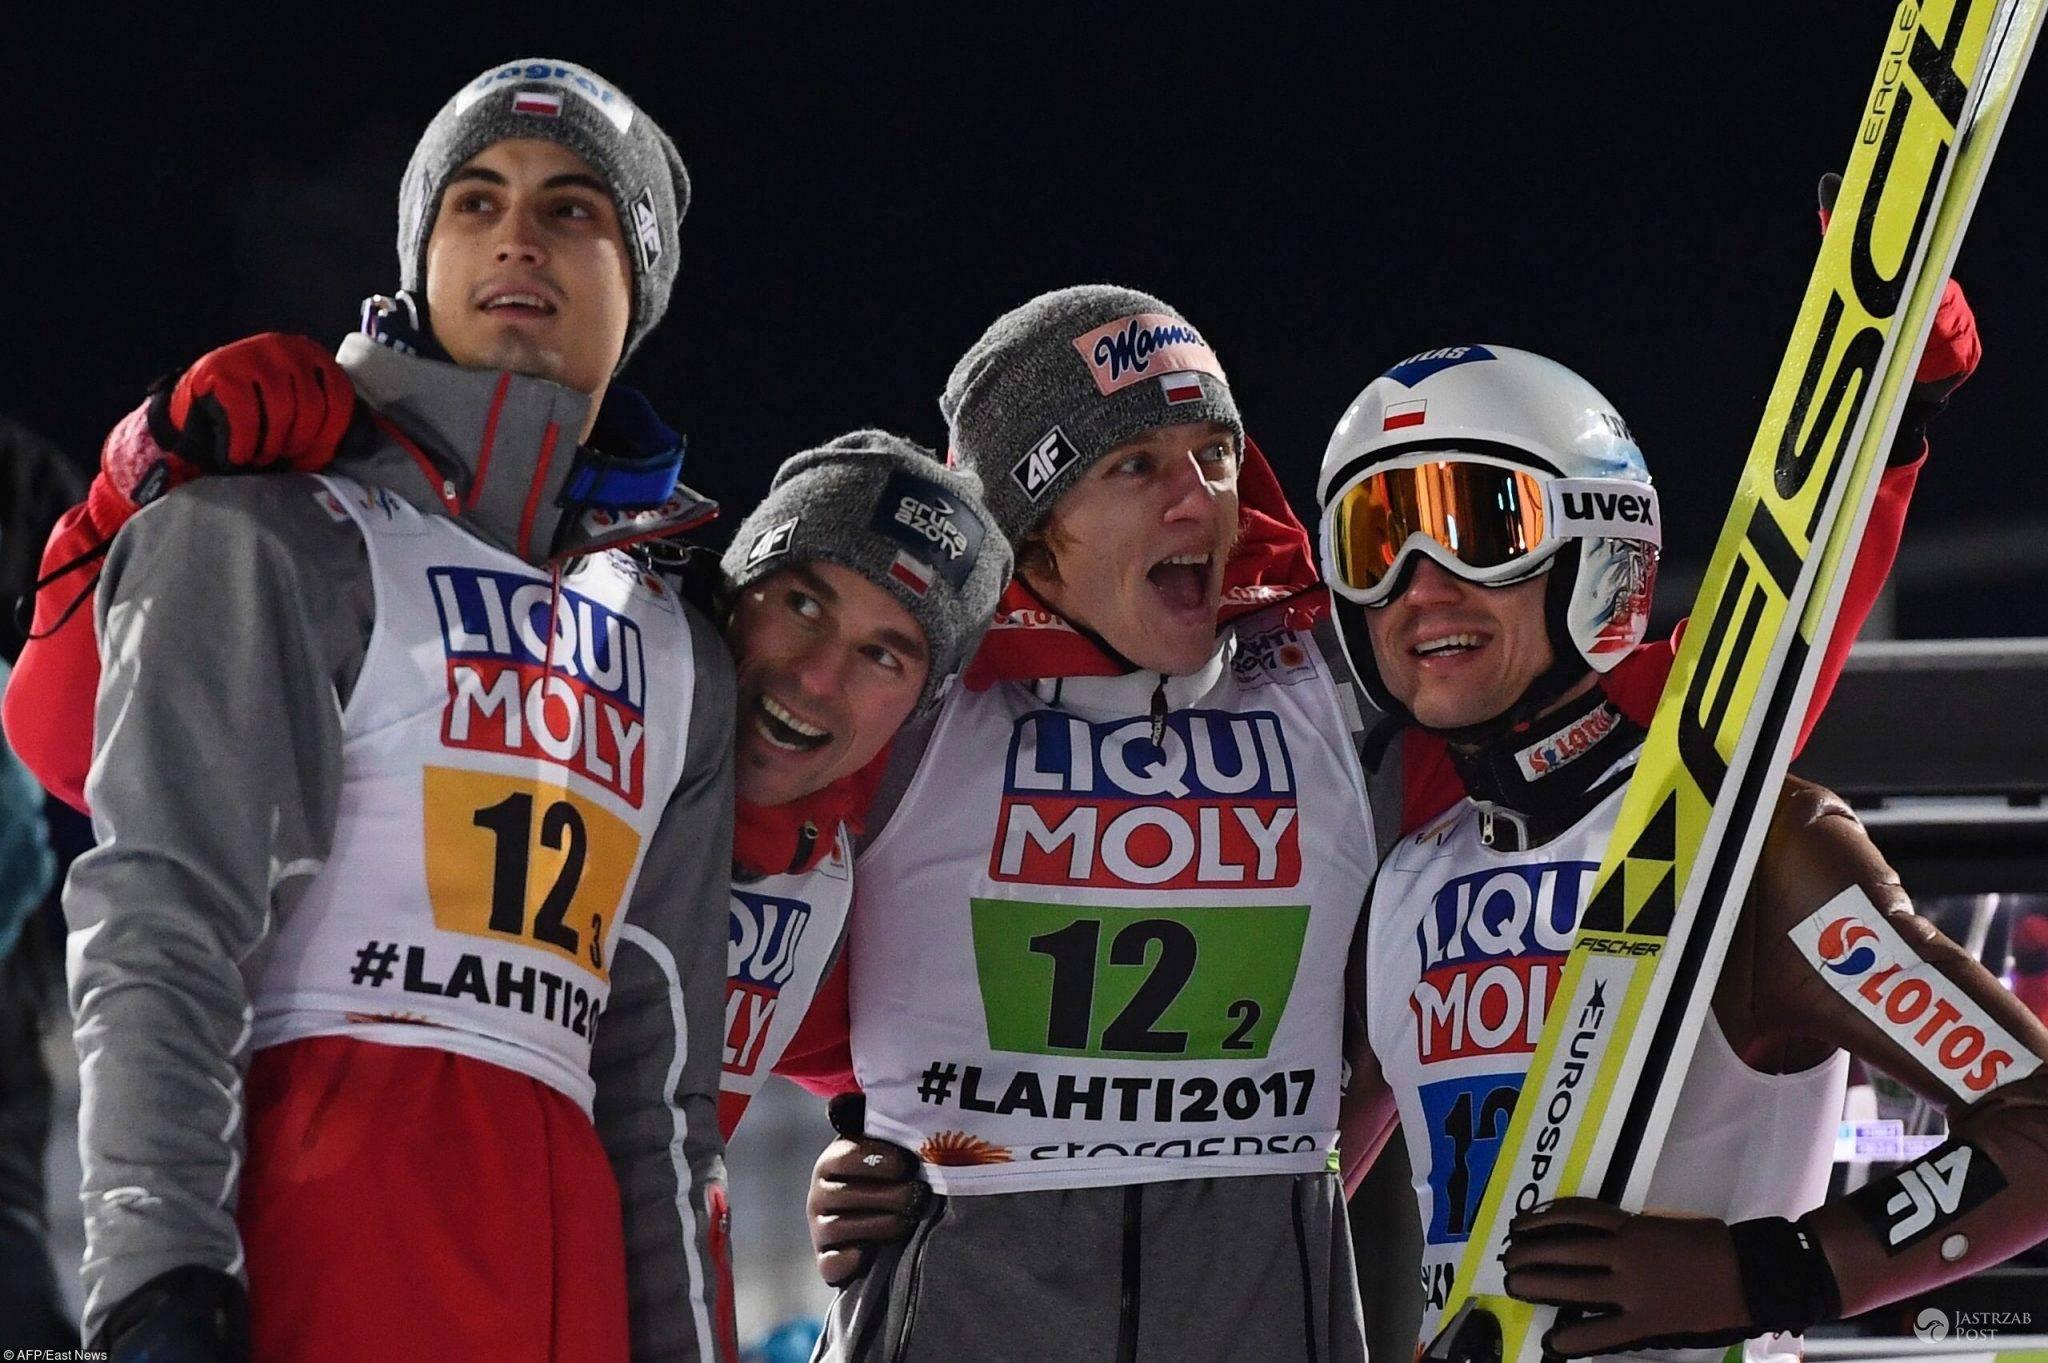 Polacy Mistrzami Świata w Skokach Narciarskich w Lahti